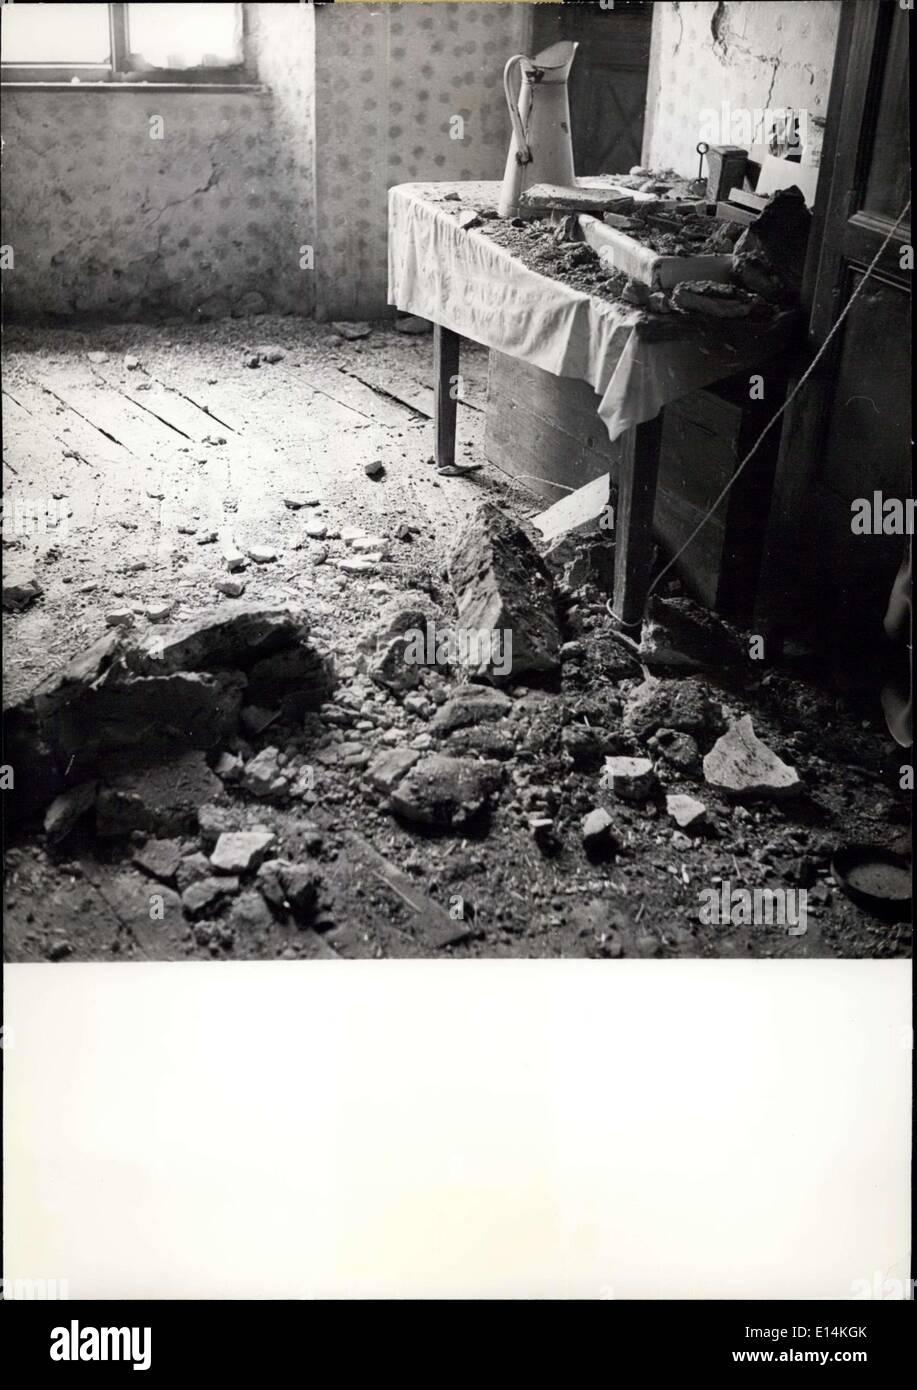 Apr. 05, 2012 - terribile terremoto in francese alpi inferiore: 800 milioni di danni. Un terribile terremoto ha causato 800 milioni di danni nella valle del High-Ubaye in francese alpi inferiore domenica scorsa. Ad un violento sisma non era stato visto in Francia per vent'anni. OPS: una vista di una casa del villaggio di Saint-Paul una parte delle pareti eth è collassato. Immagini Stock